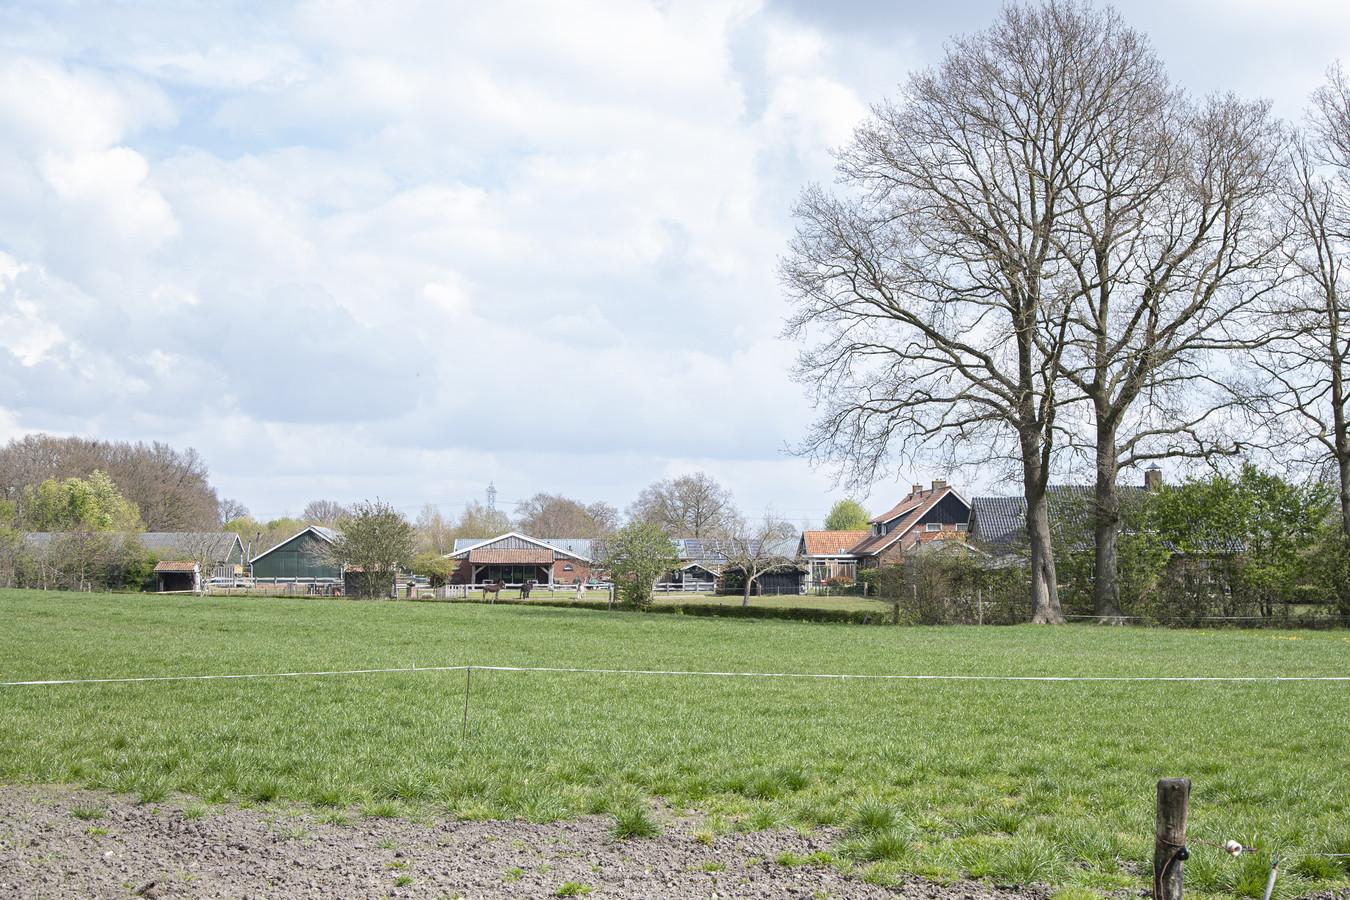 Een melkveehouder vreest, met zorgboerderij De Piet in het Enterse buitengebied, dat uitbreiding van zijn bedrijf onhaalbaar wordt.